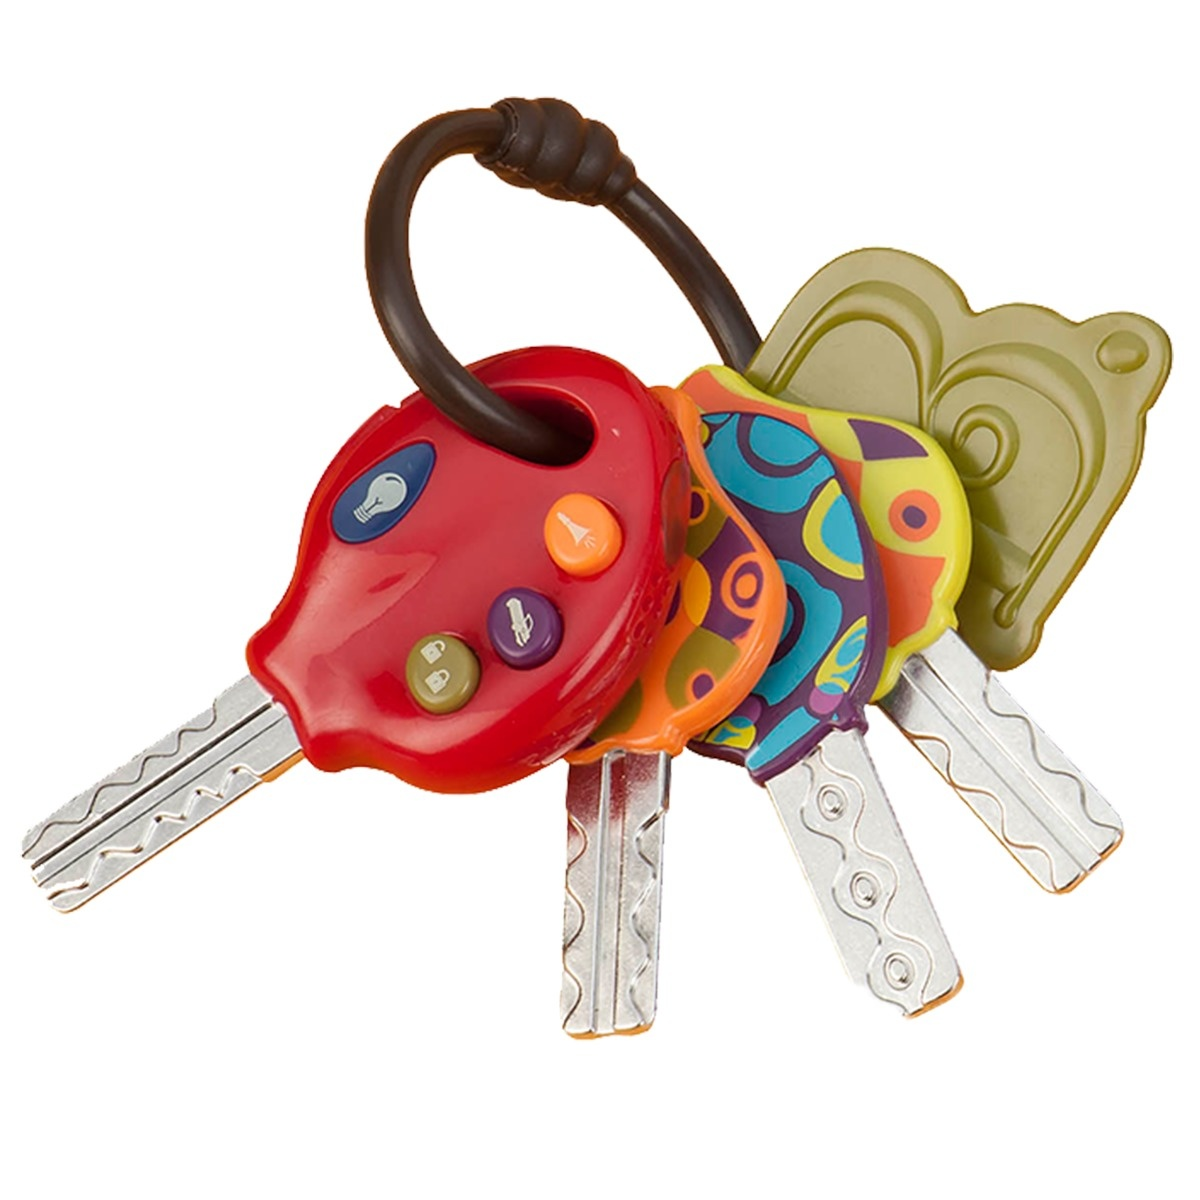 Набор ключиков - Набор электронных ключиков игрушка детская развивающая выполнен из разнофактурного разноцветного пластика и пищевой нержавеющей стали, на колечке подвеске, выглядят словно настоящие. Детская развивающая игрушка от 6-ти месяцев с кнопочками на одном ключе: